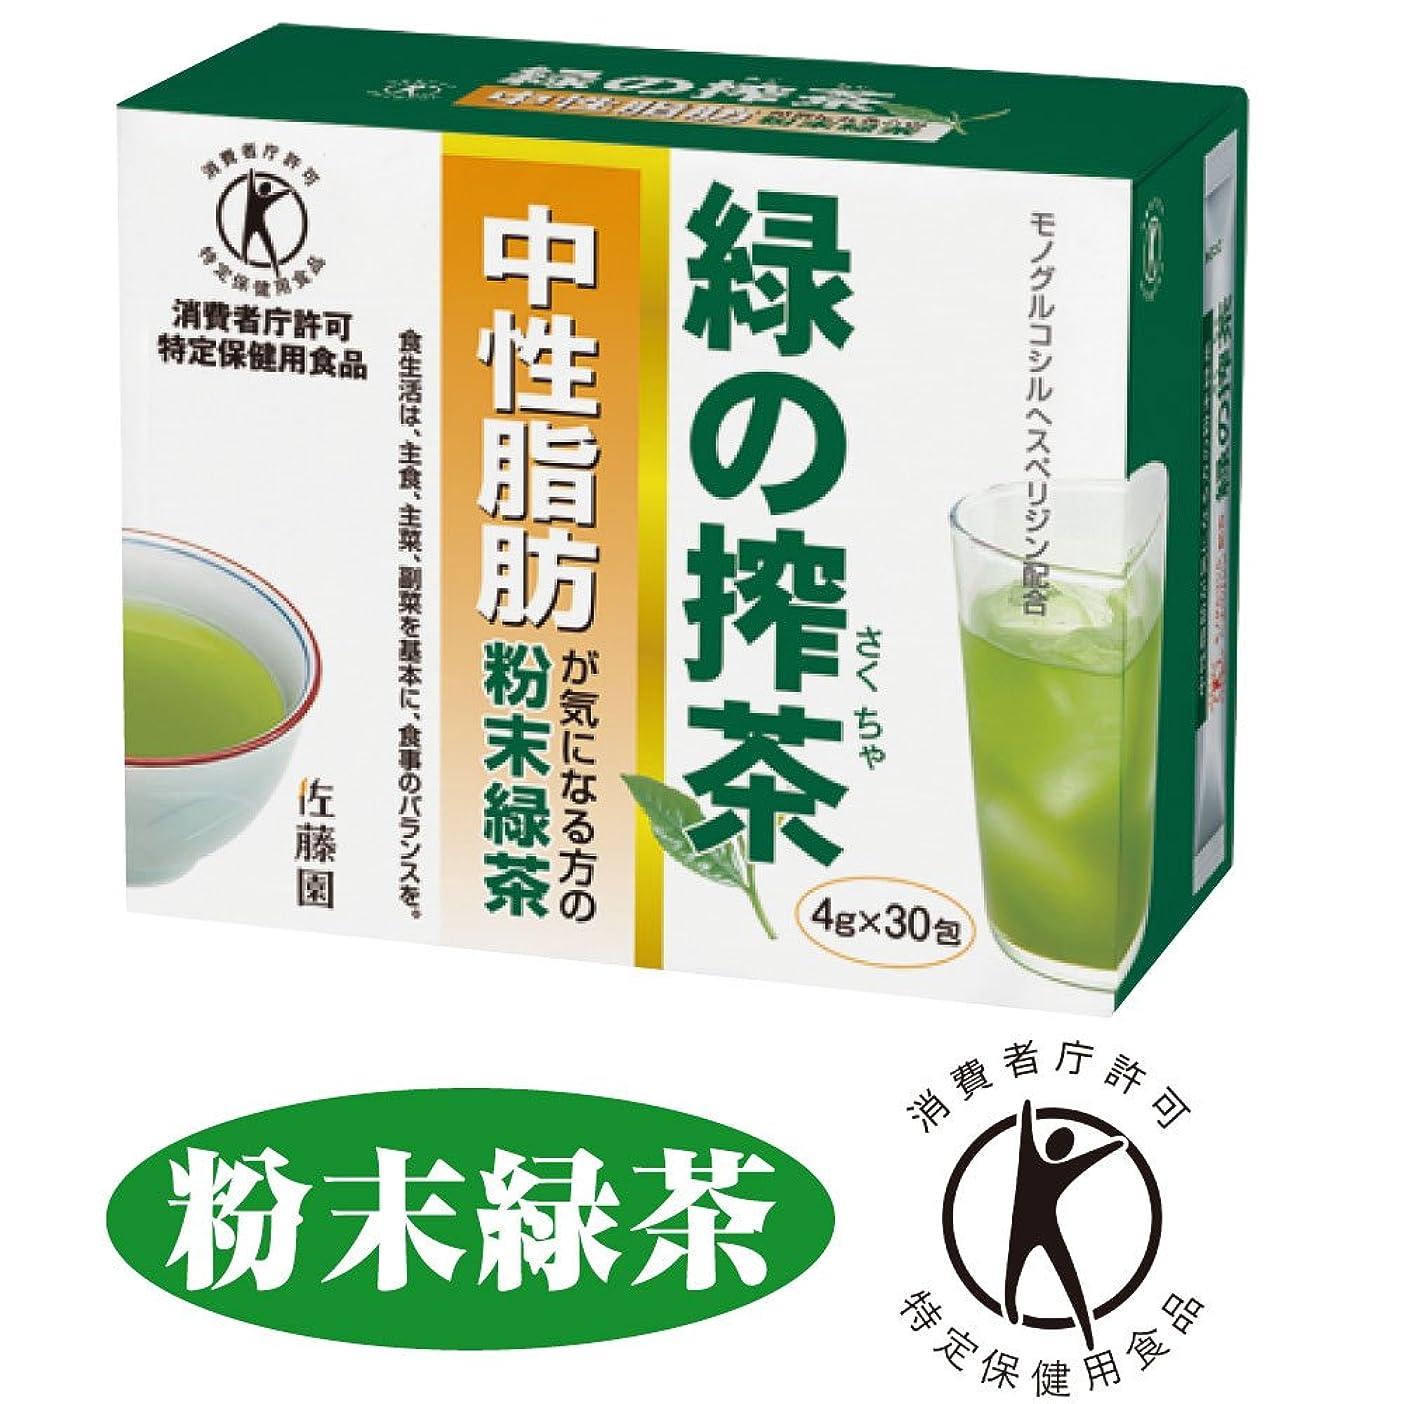 顔料悪党腹部佐藤園のトクホのお茶 緑の搾茶(中性脂肪) 30包 [特定保健用食品]